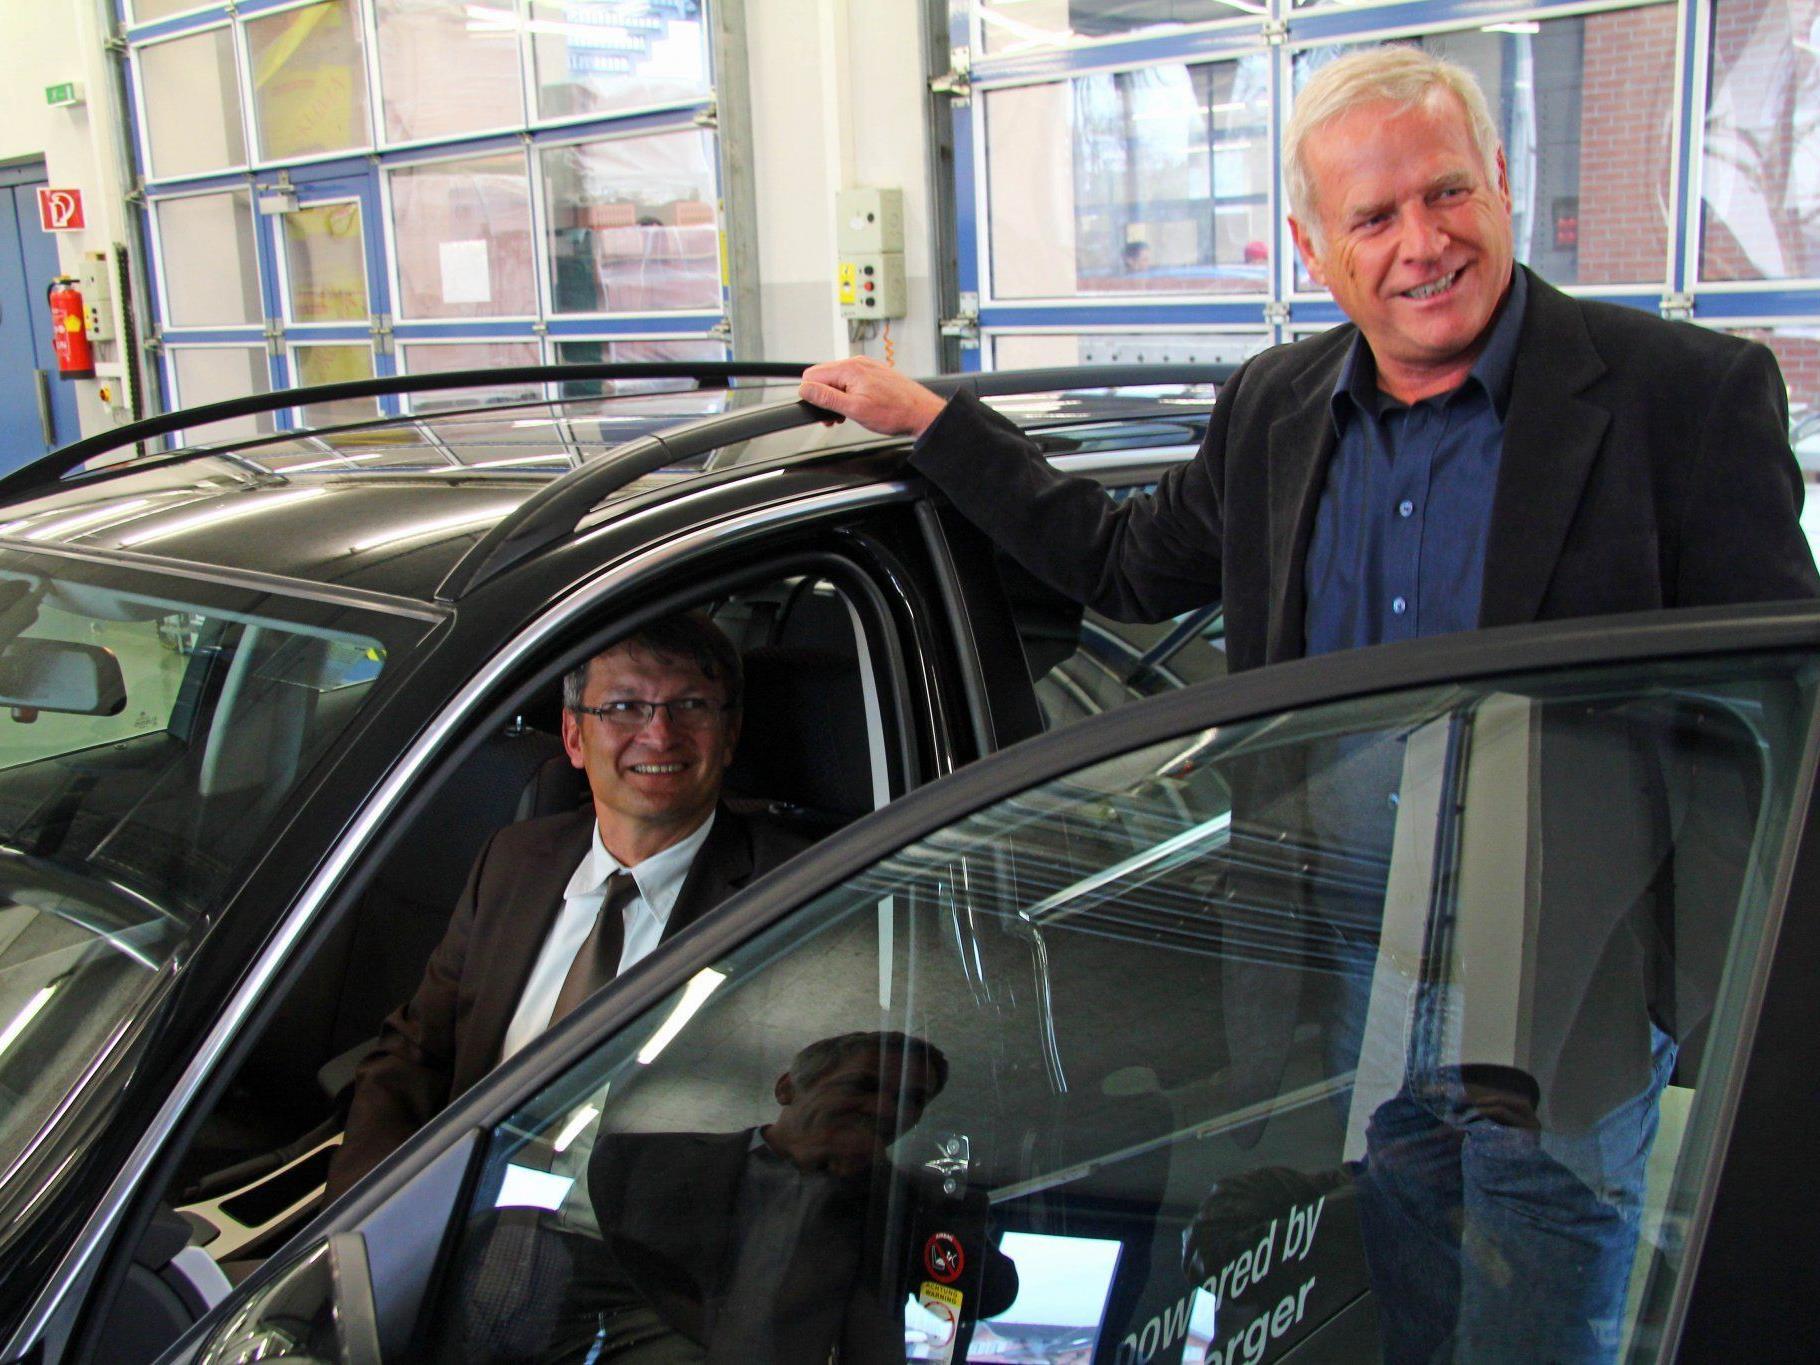 Wifi Betriebsleiter Peter Hoch und Institutsleiter Thomas Wachter freuen sich über das neue Ausbildungsfahrzeug.